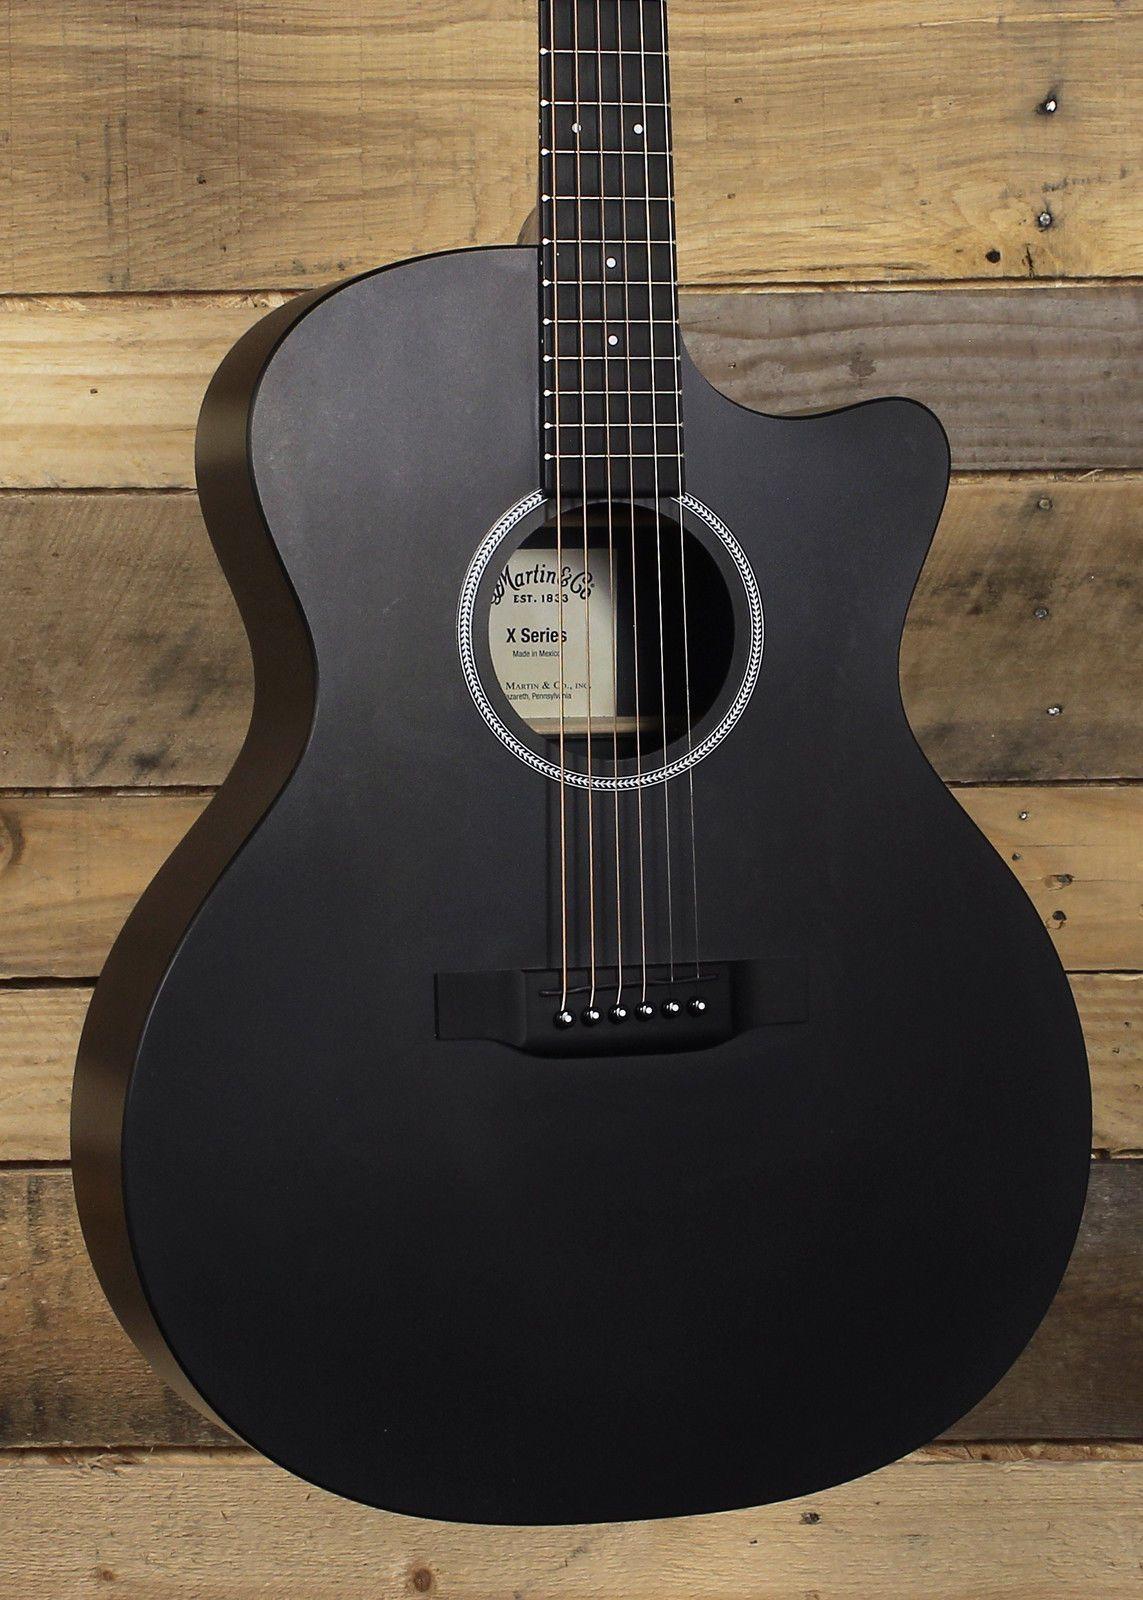 Martin GPCXAE Black Acoustic Guitar Notas musicais